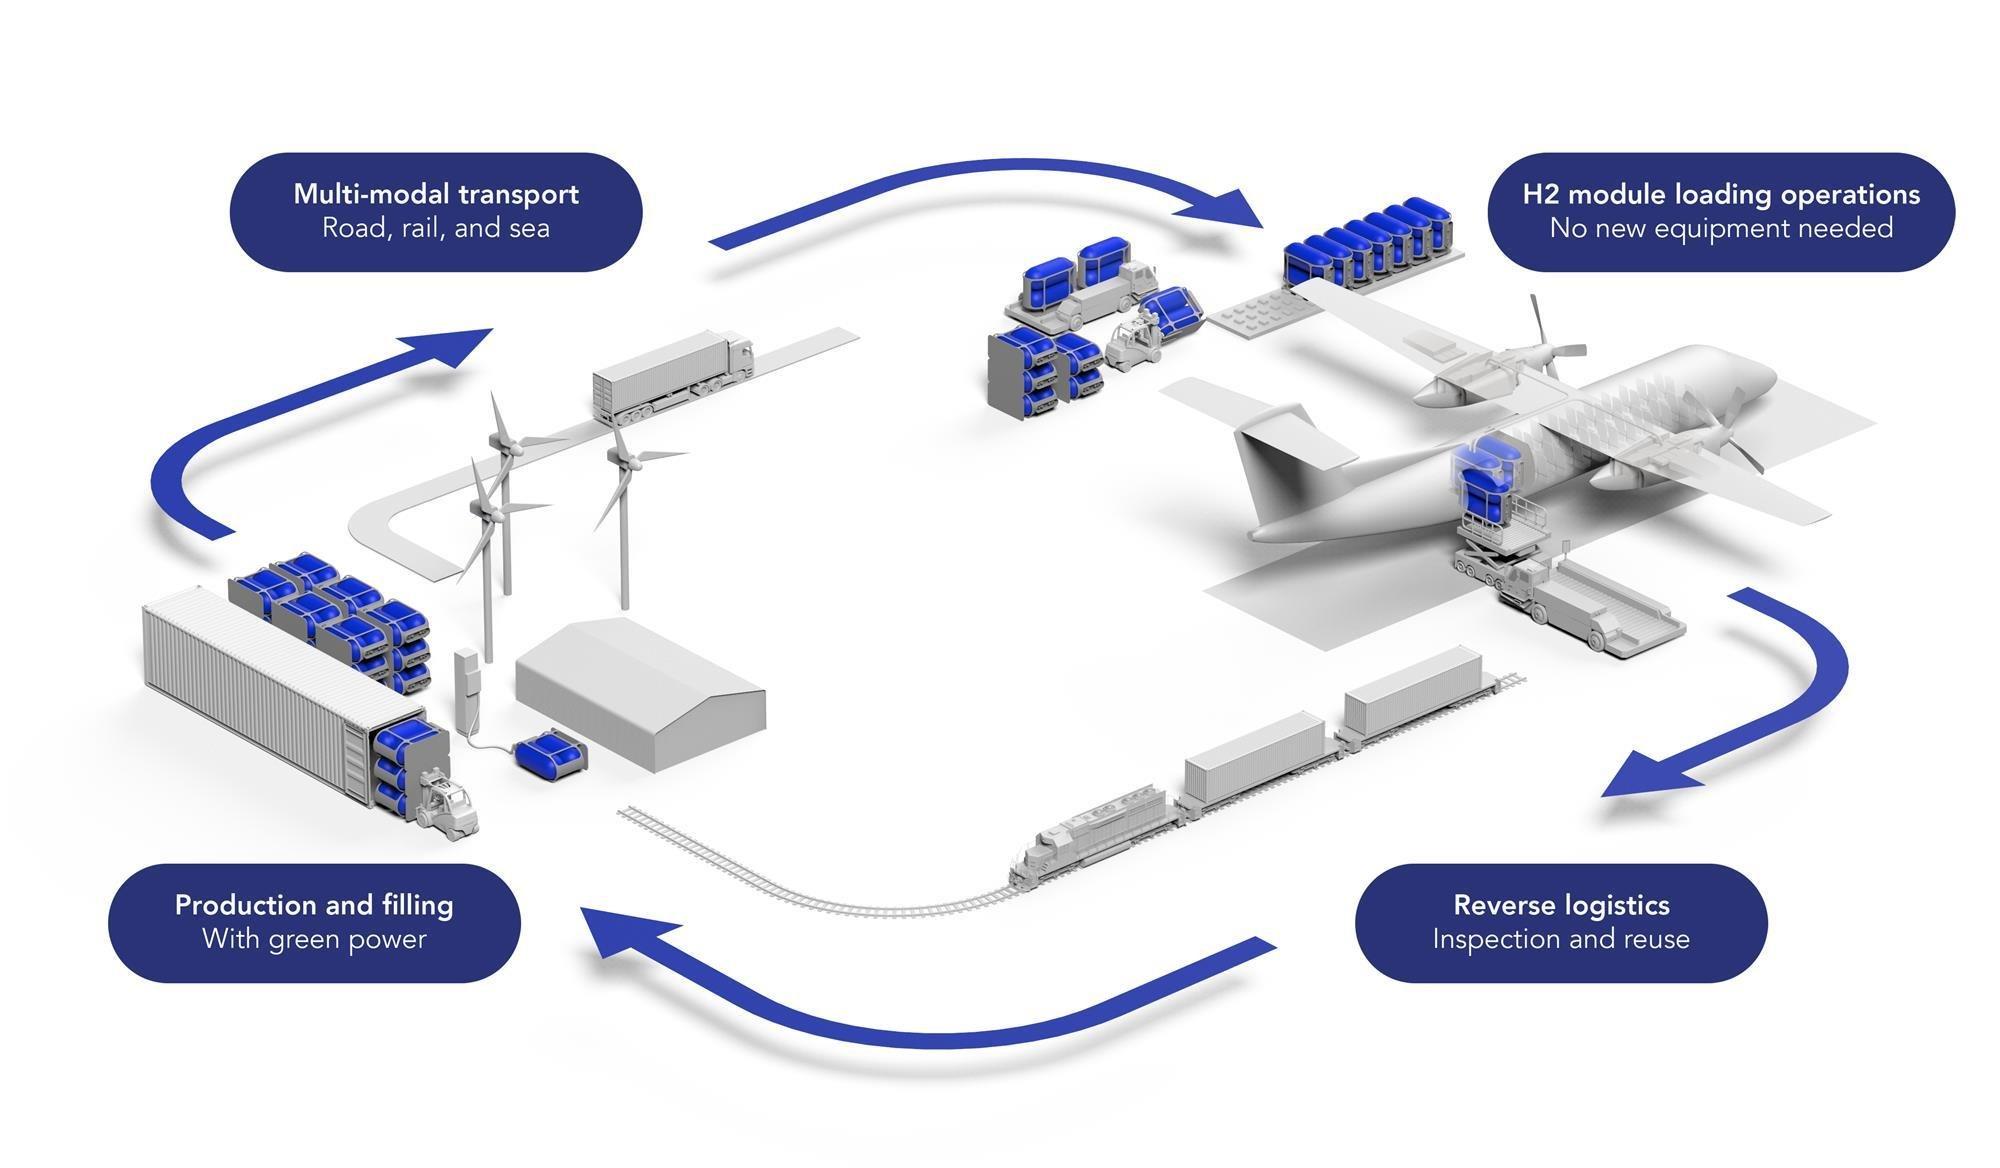 فرآیند انتقال سوخت هیدروژن از کارخانه به هواپیما